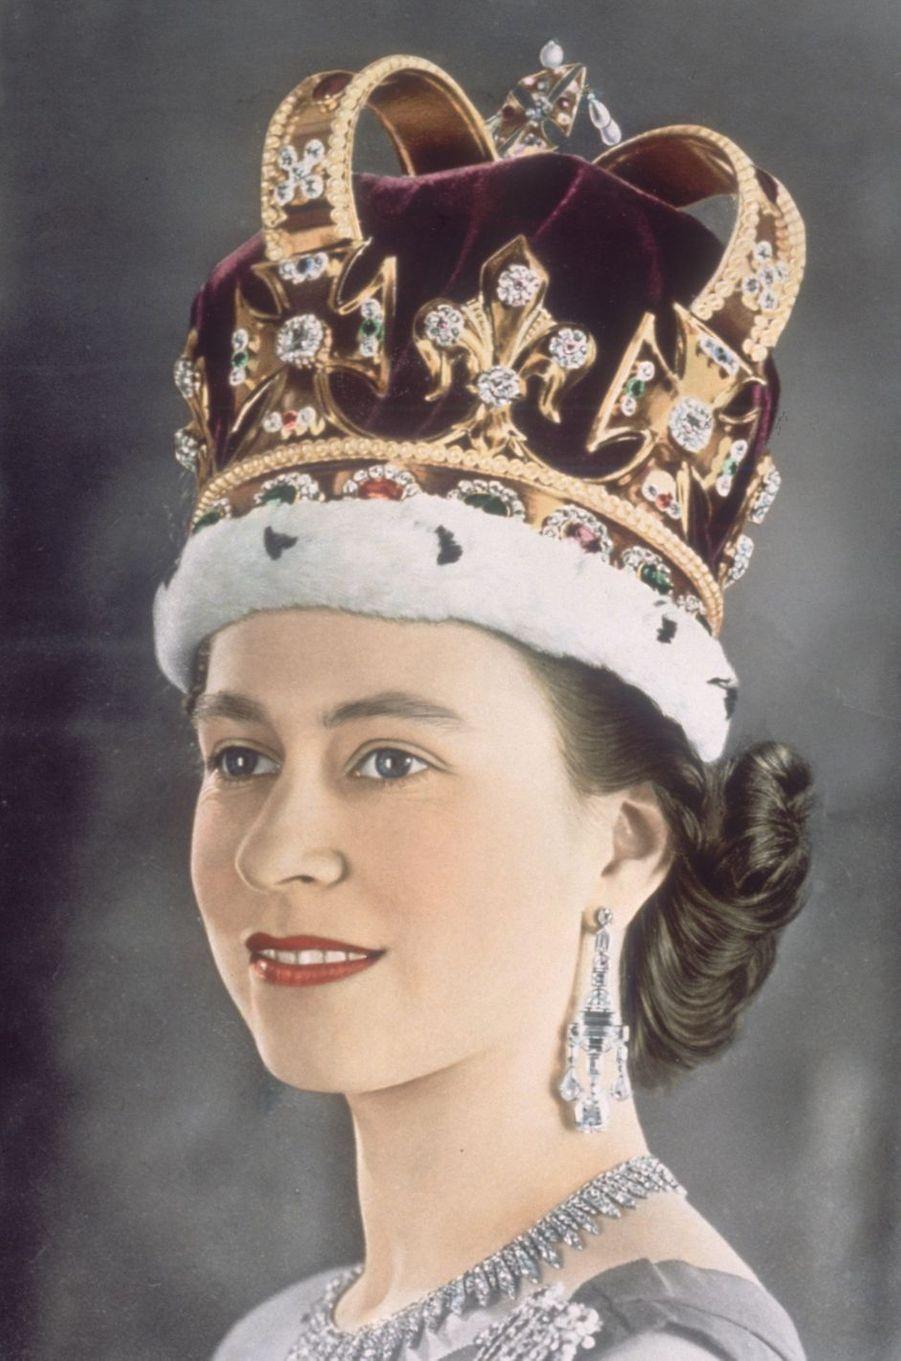 La reine Elizabeth II coiffée de la couronne de St. Edward